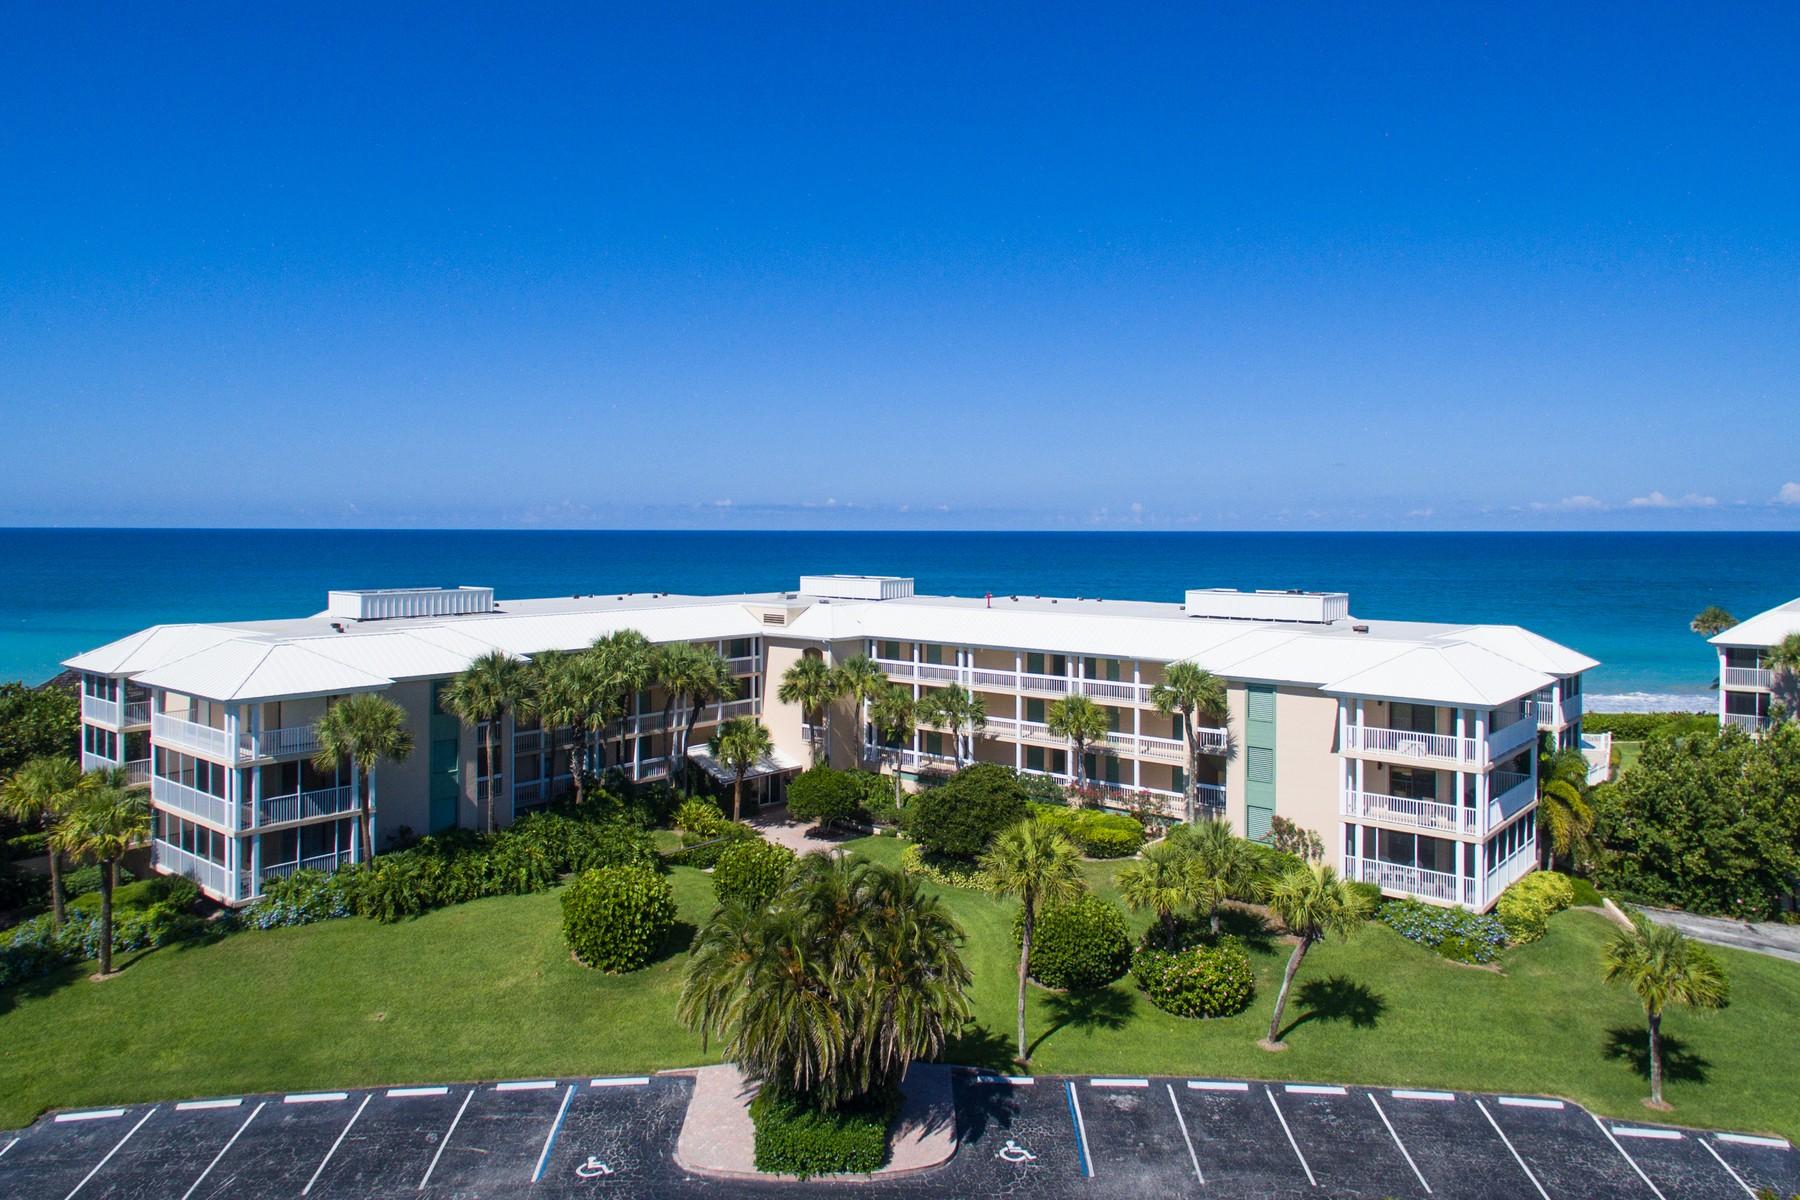 コンドミニアム のために 売買 アット Lovely Sea Oaks Oceanfront Condo 8840 S Sea Oaks Way #108B Vero Beach, フロリダ 32963 アメリカ合衆国